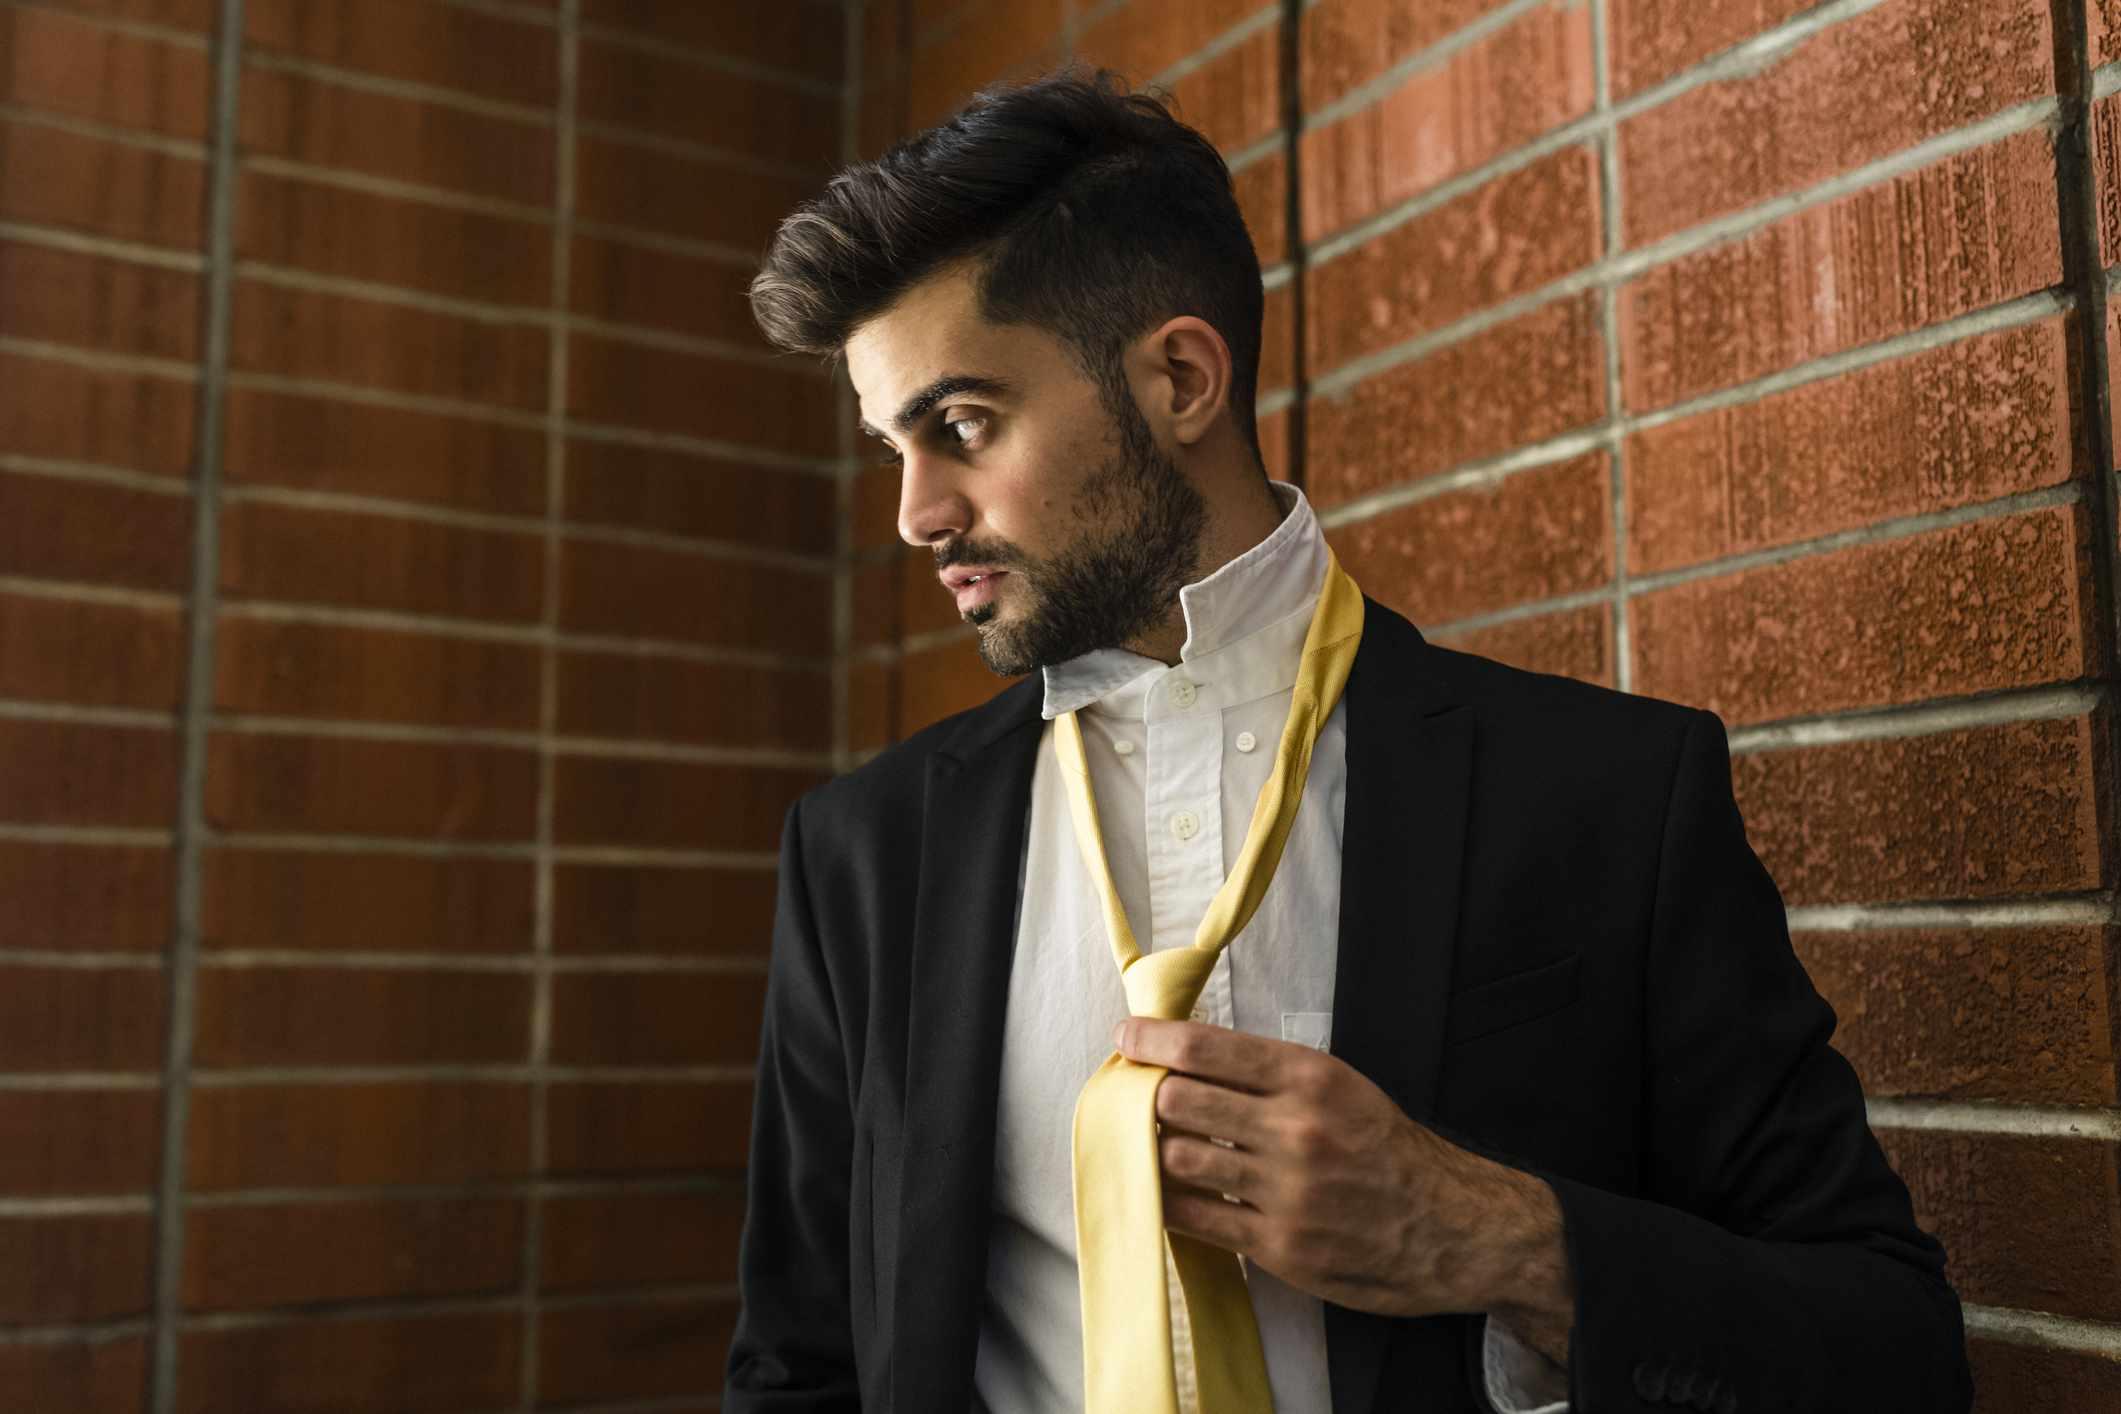 Groom wearing tie